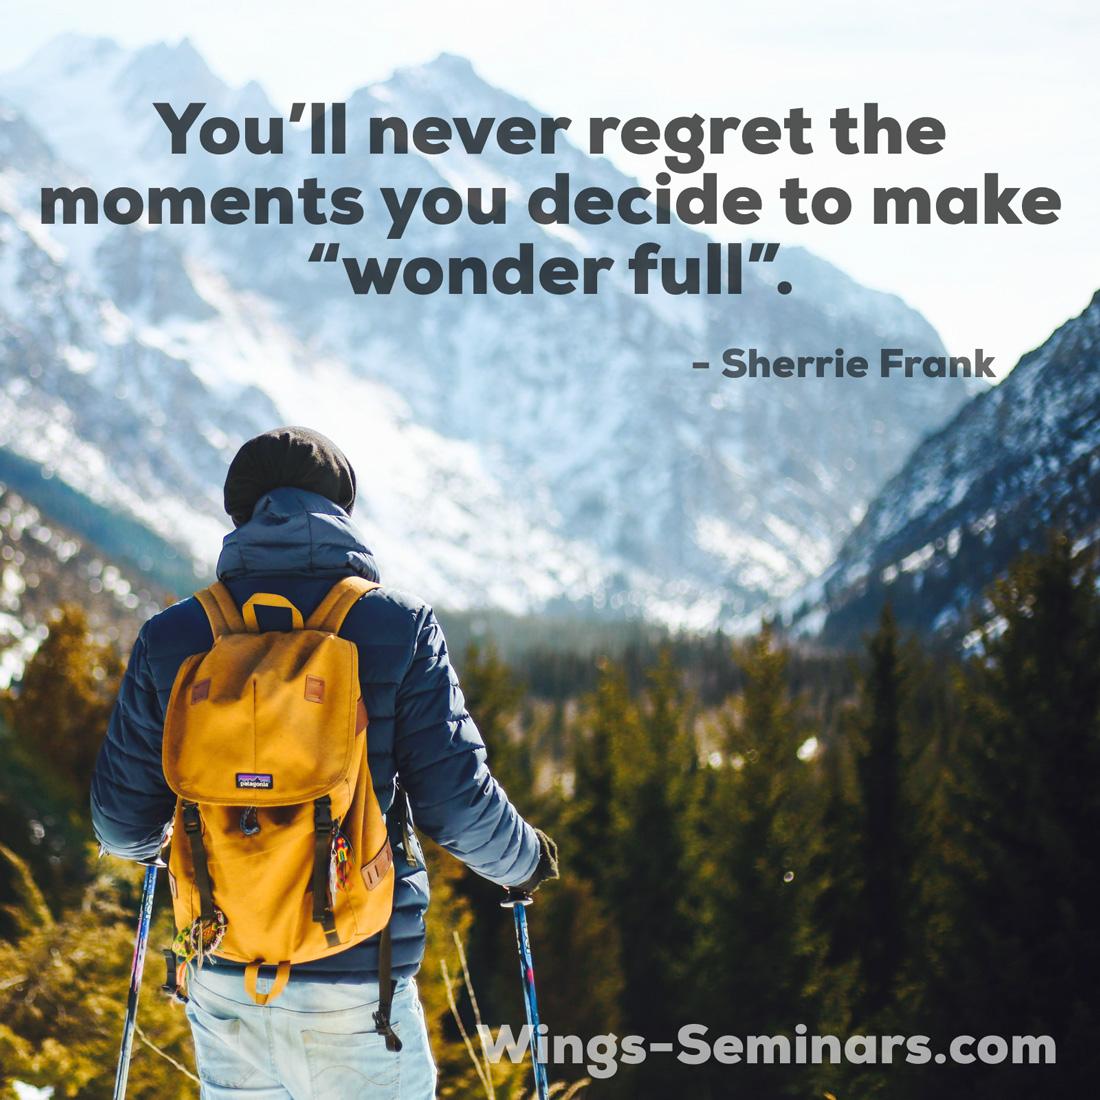 You'll never regret